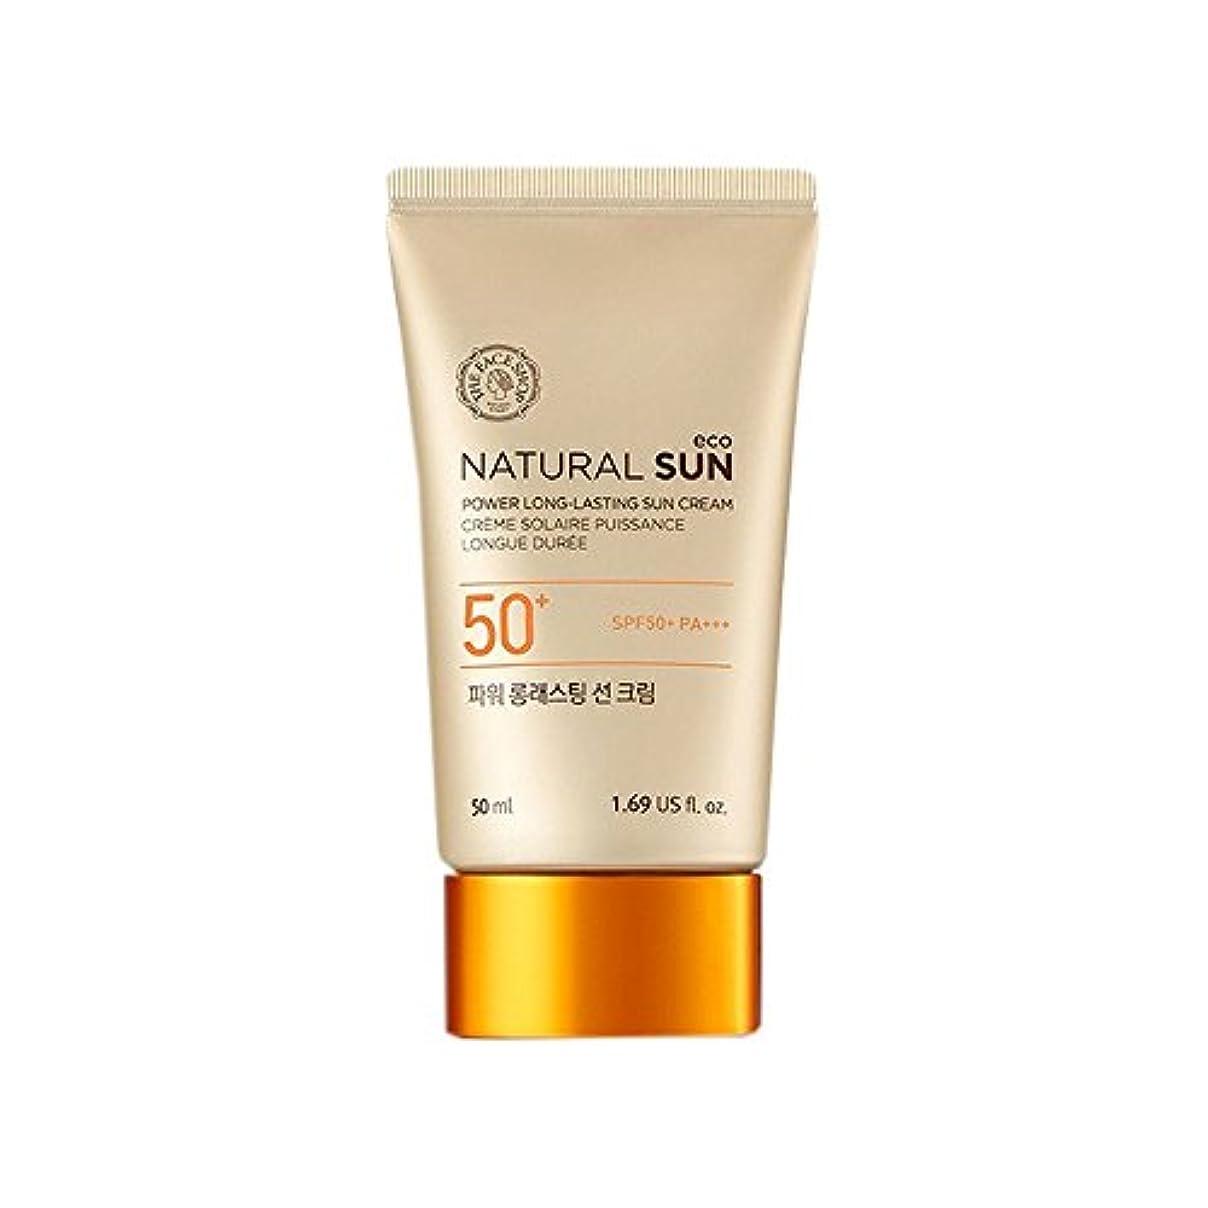 予定口述する厚さ[ザ?フェイスショップ] The Face Shop ナチュラルサン エコ パワー ロングラスティング サン クリーム SPF50+PA+++50ml The Face Shop Natural Sun Eco Power...